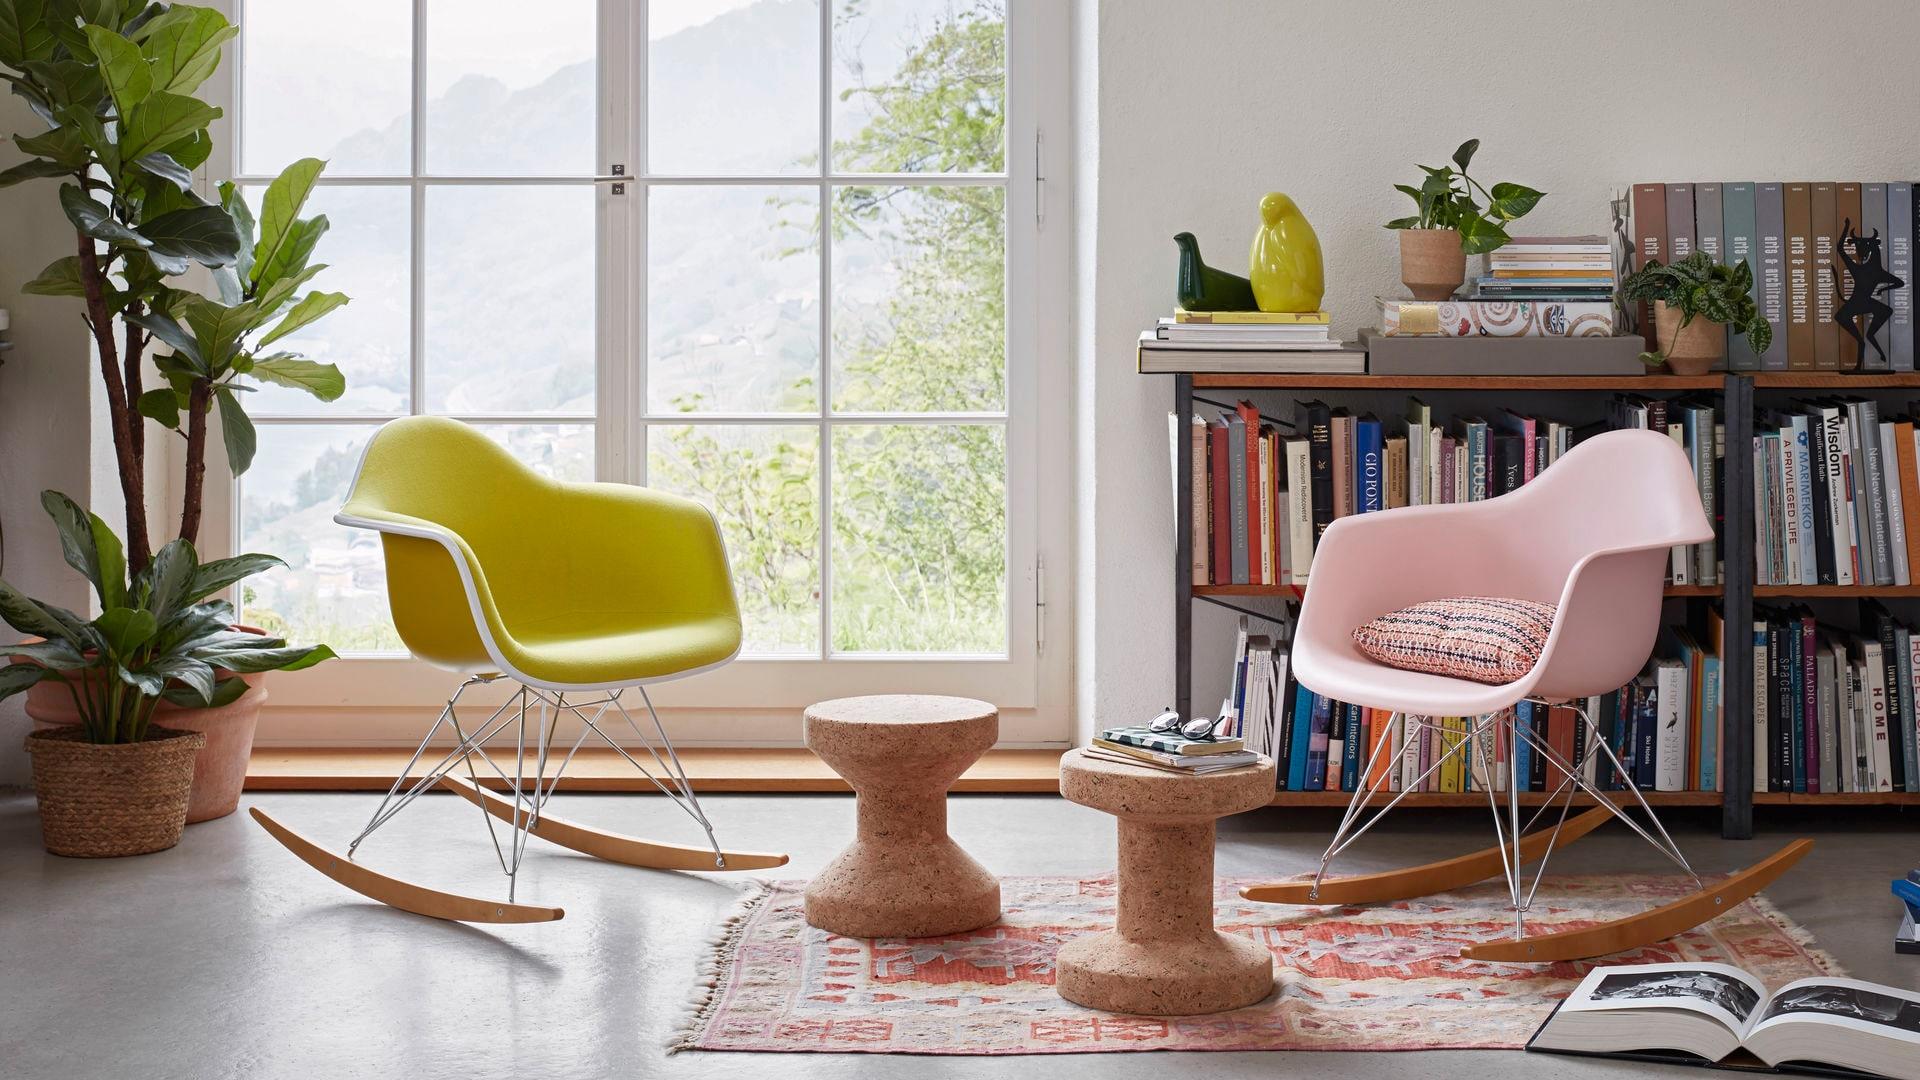 lusso-poltrone-design-progettazione-mobili-interni-arredamento-lecce-brindisi-taranto